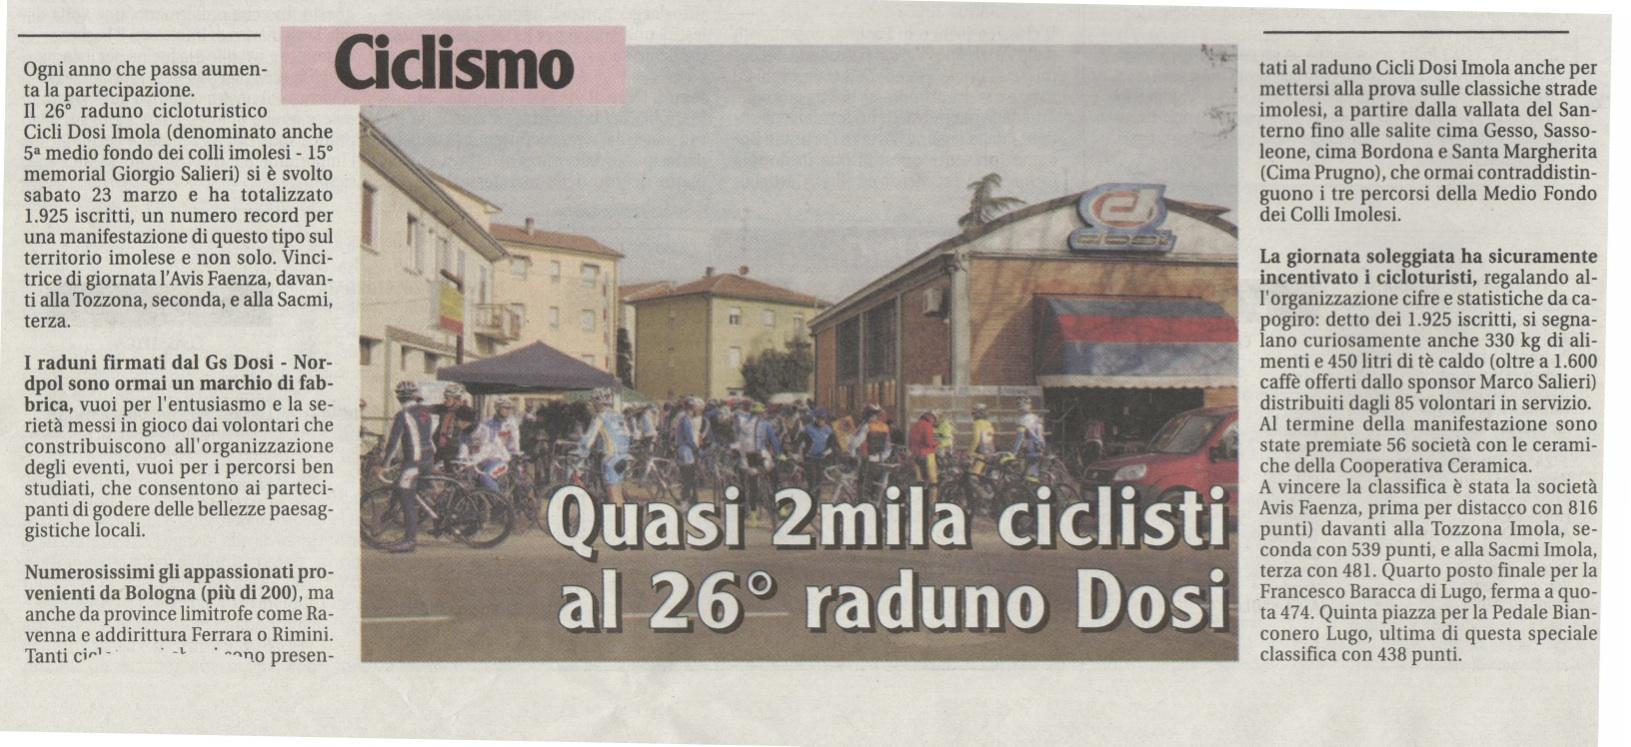 Quasi 2mila ciclisti al 26 raduno Dosi. (il Nuovo Diario Messaggero 26.03.2013)